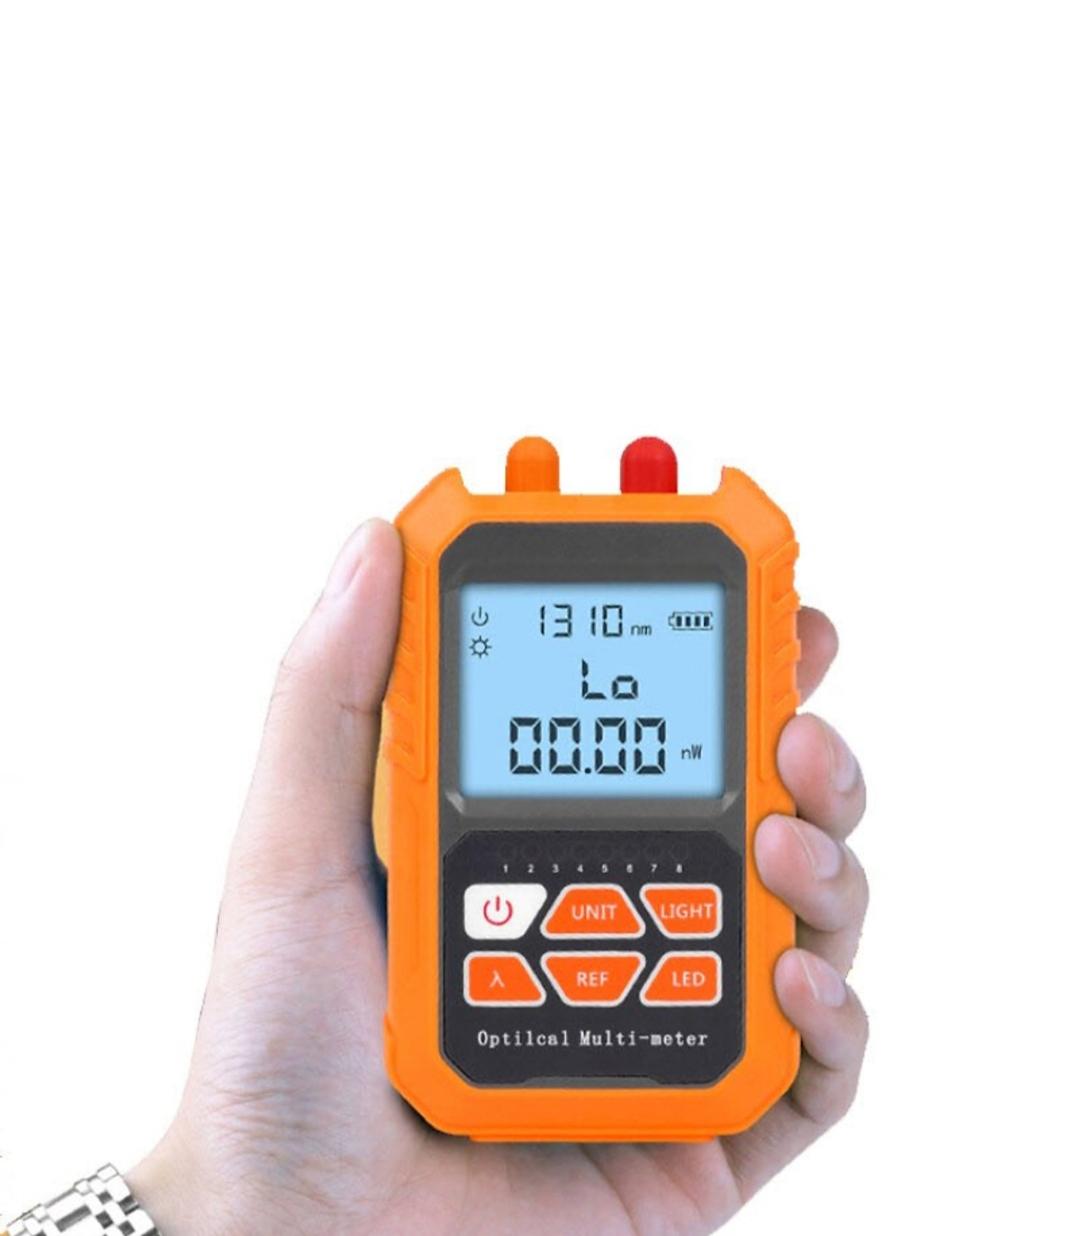 Bộ Dụng Cụ Kiểm Định Mạng Đa Năng 3 Trong 1 Sử Dụng Pin Sạc 600mAh - Máy Đo Công Suất Quang Bước Sóng Từ 800 - 1700nm - Bút Dò Lỗi Sợi Quang VFL 5Km Ánh Sáng Đỏ - Đầu Test Cáp Mạng RJ45 - Tích Hợp Đèn Led